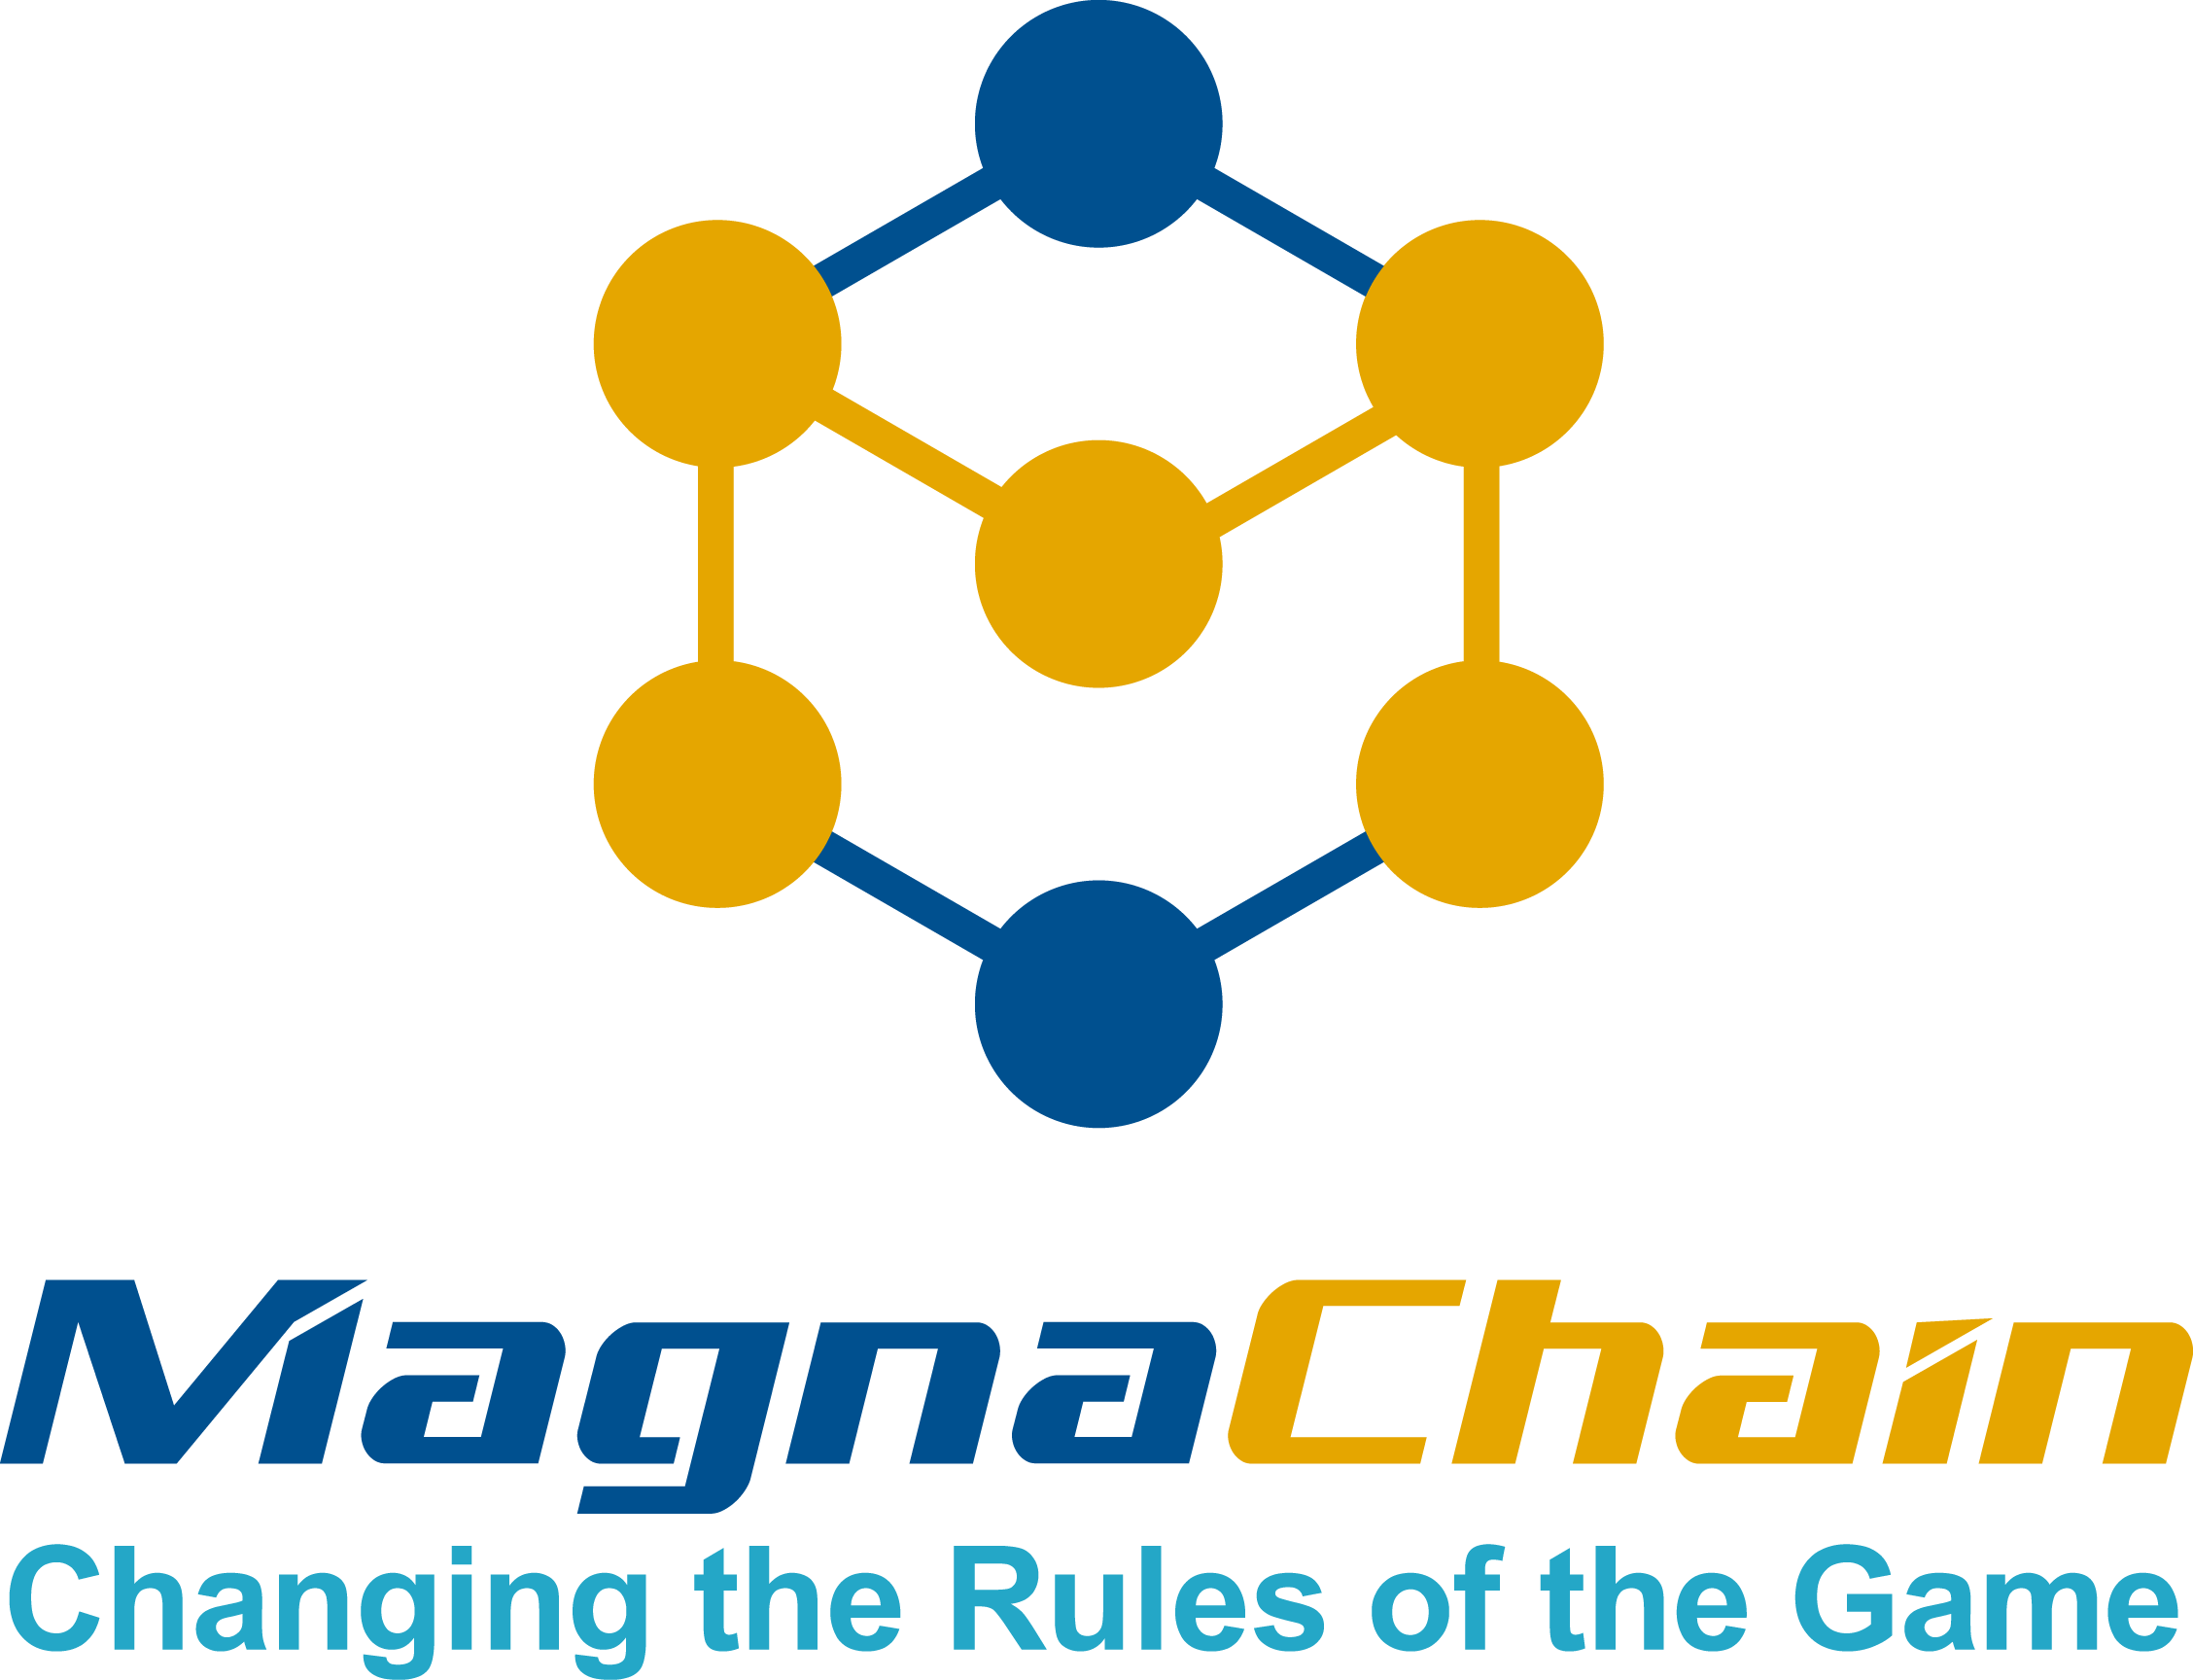 CellLink更名为MagnaChain